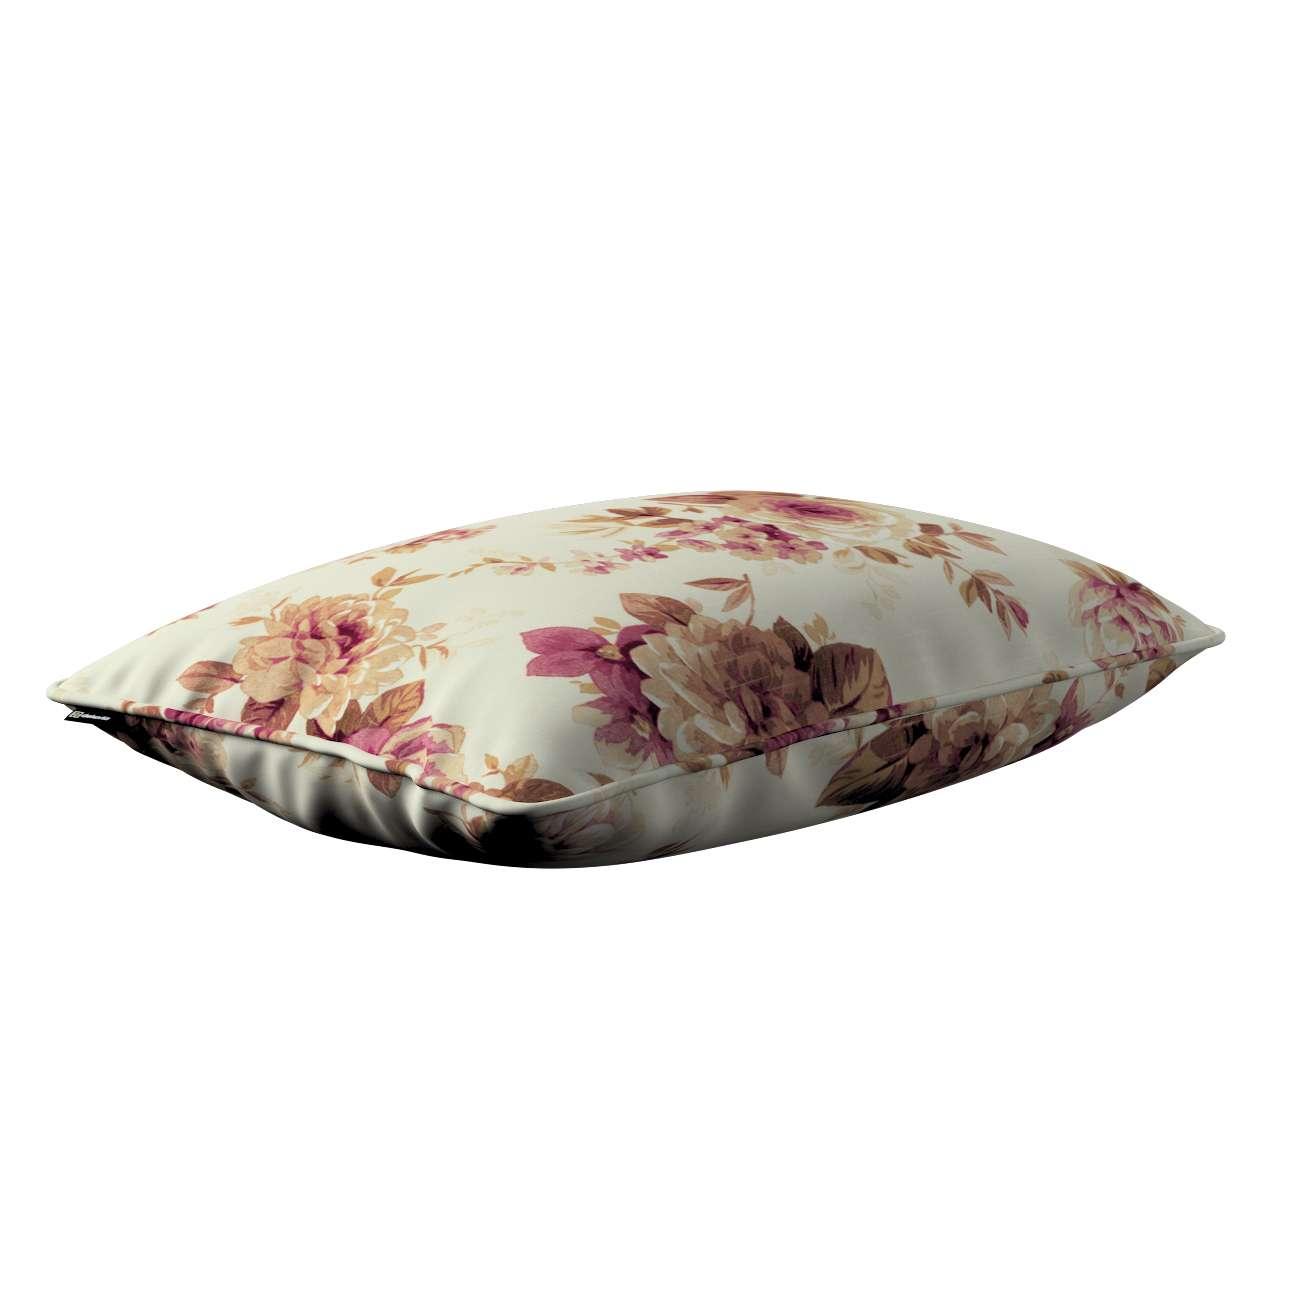 Poszewka Gabi na poduszkę prostokątna 60 x 40 cm w kolekcji Mirella, tkanina: 141-06